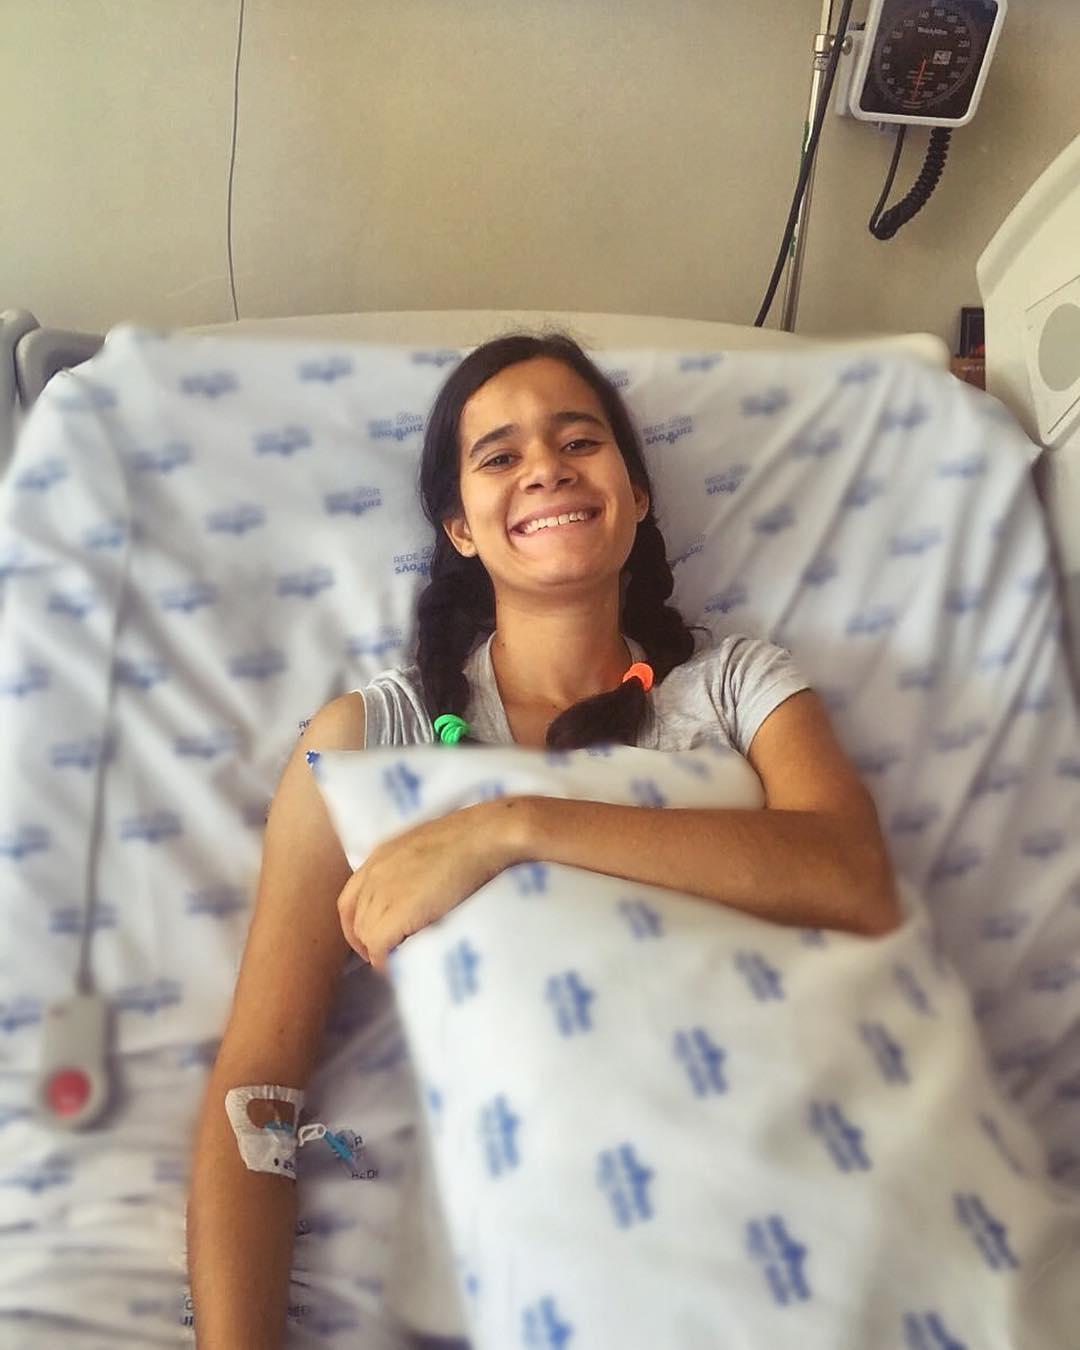 veronica-hipolito-atleta-en-el-hospital